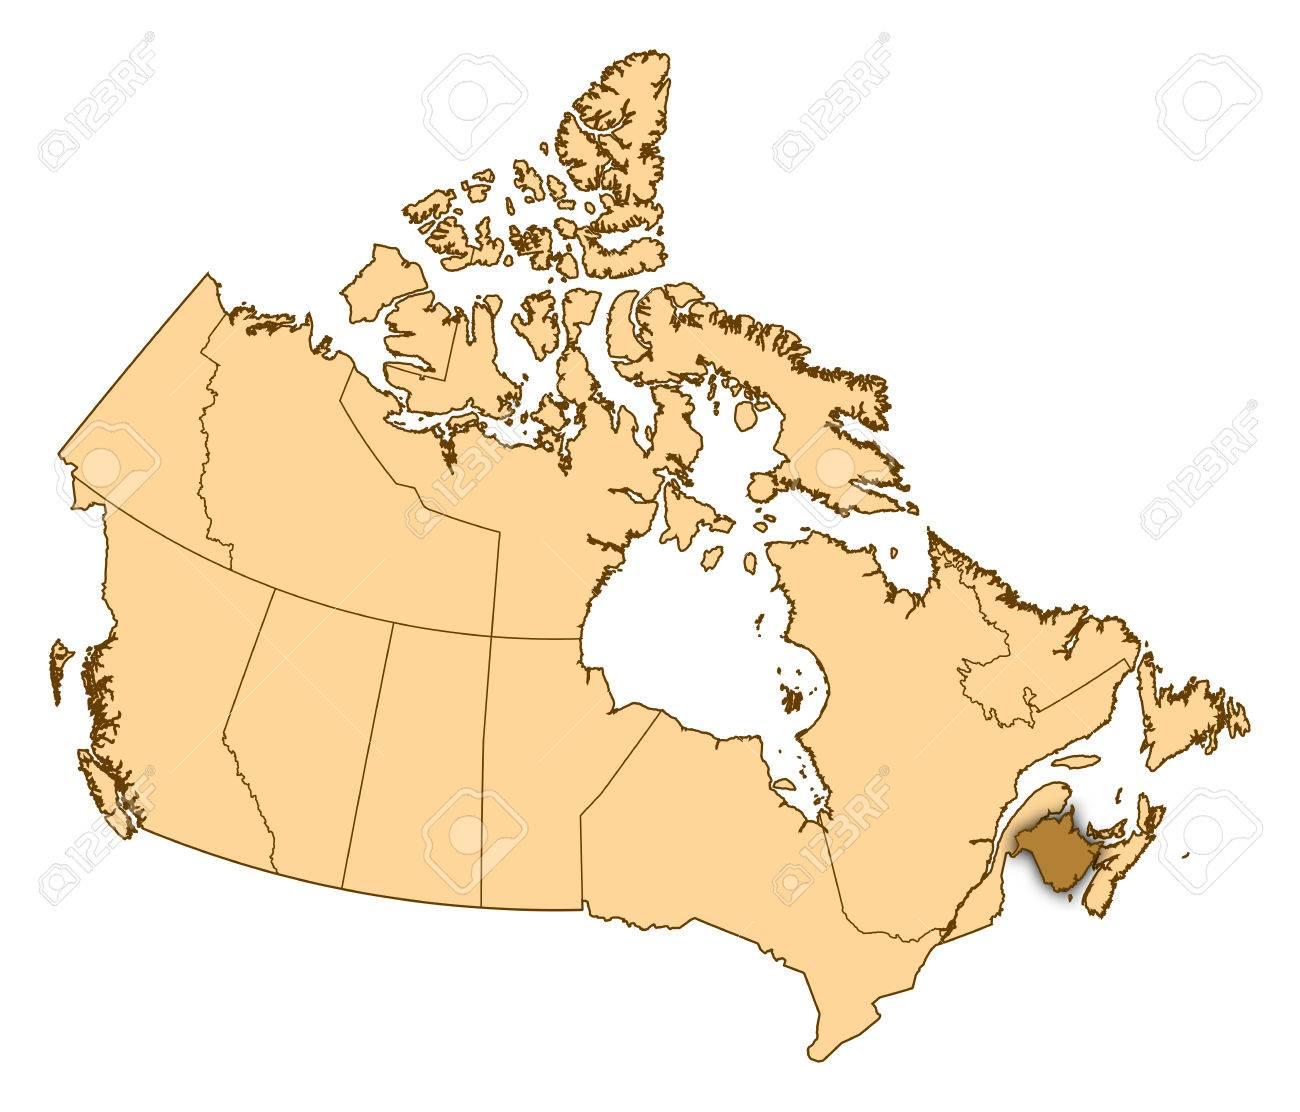 Carte Canada Nouveau Brunswick.Carte Du Canada Avec Les Provinces Le Nouveau Brunswick Est Mis En Evidence